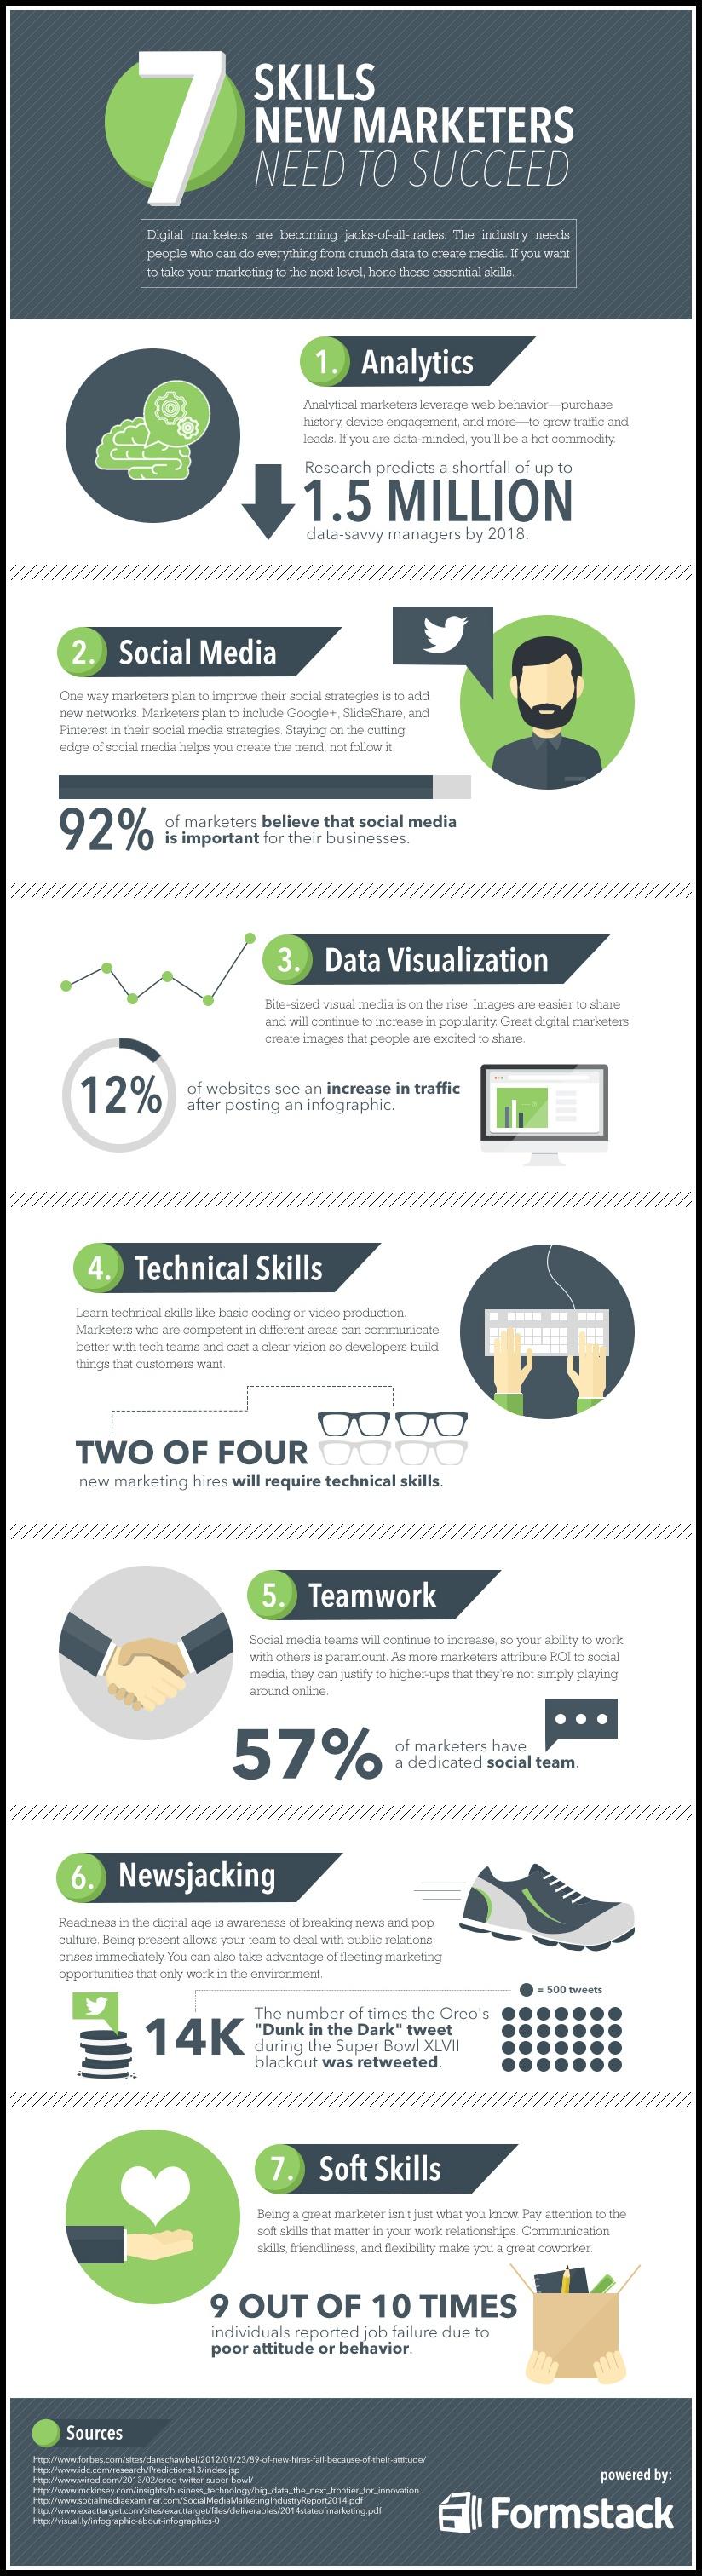 skills-marketers-need-infographic.jpg